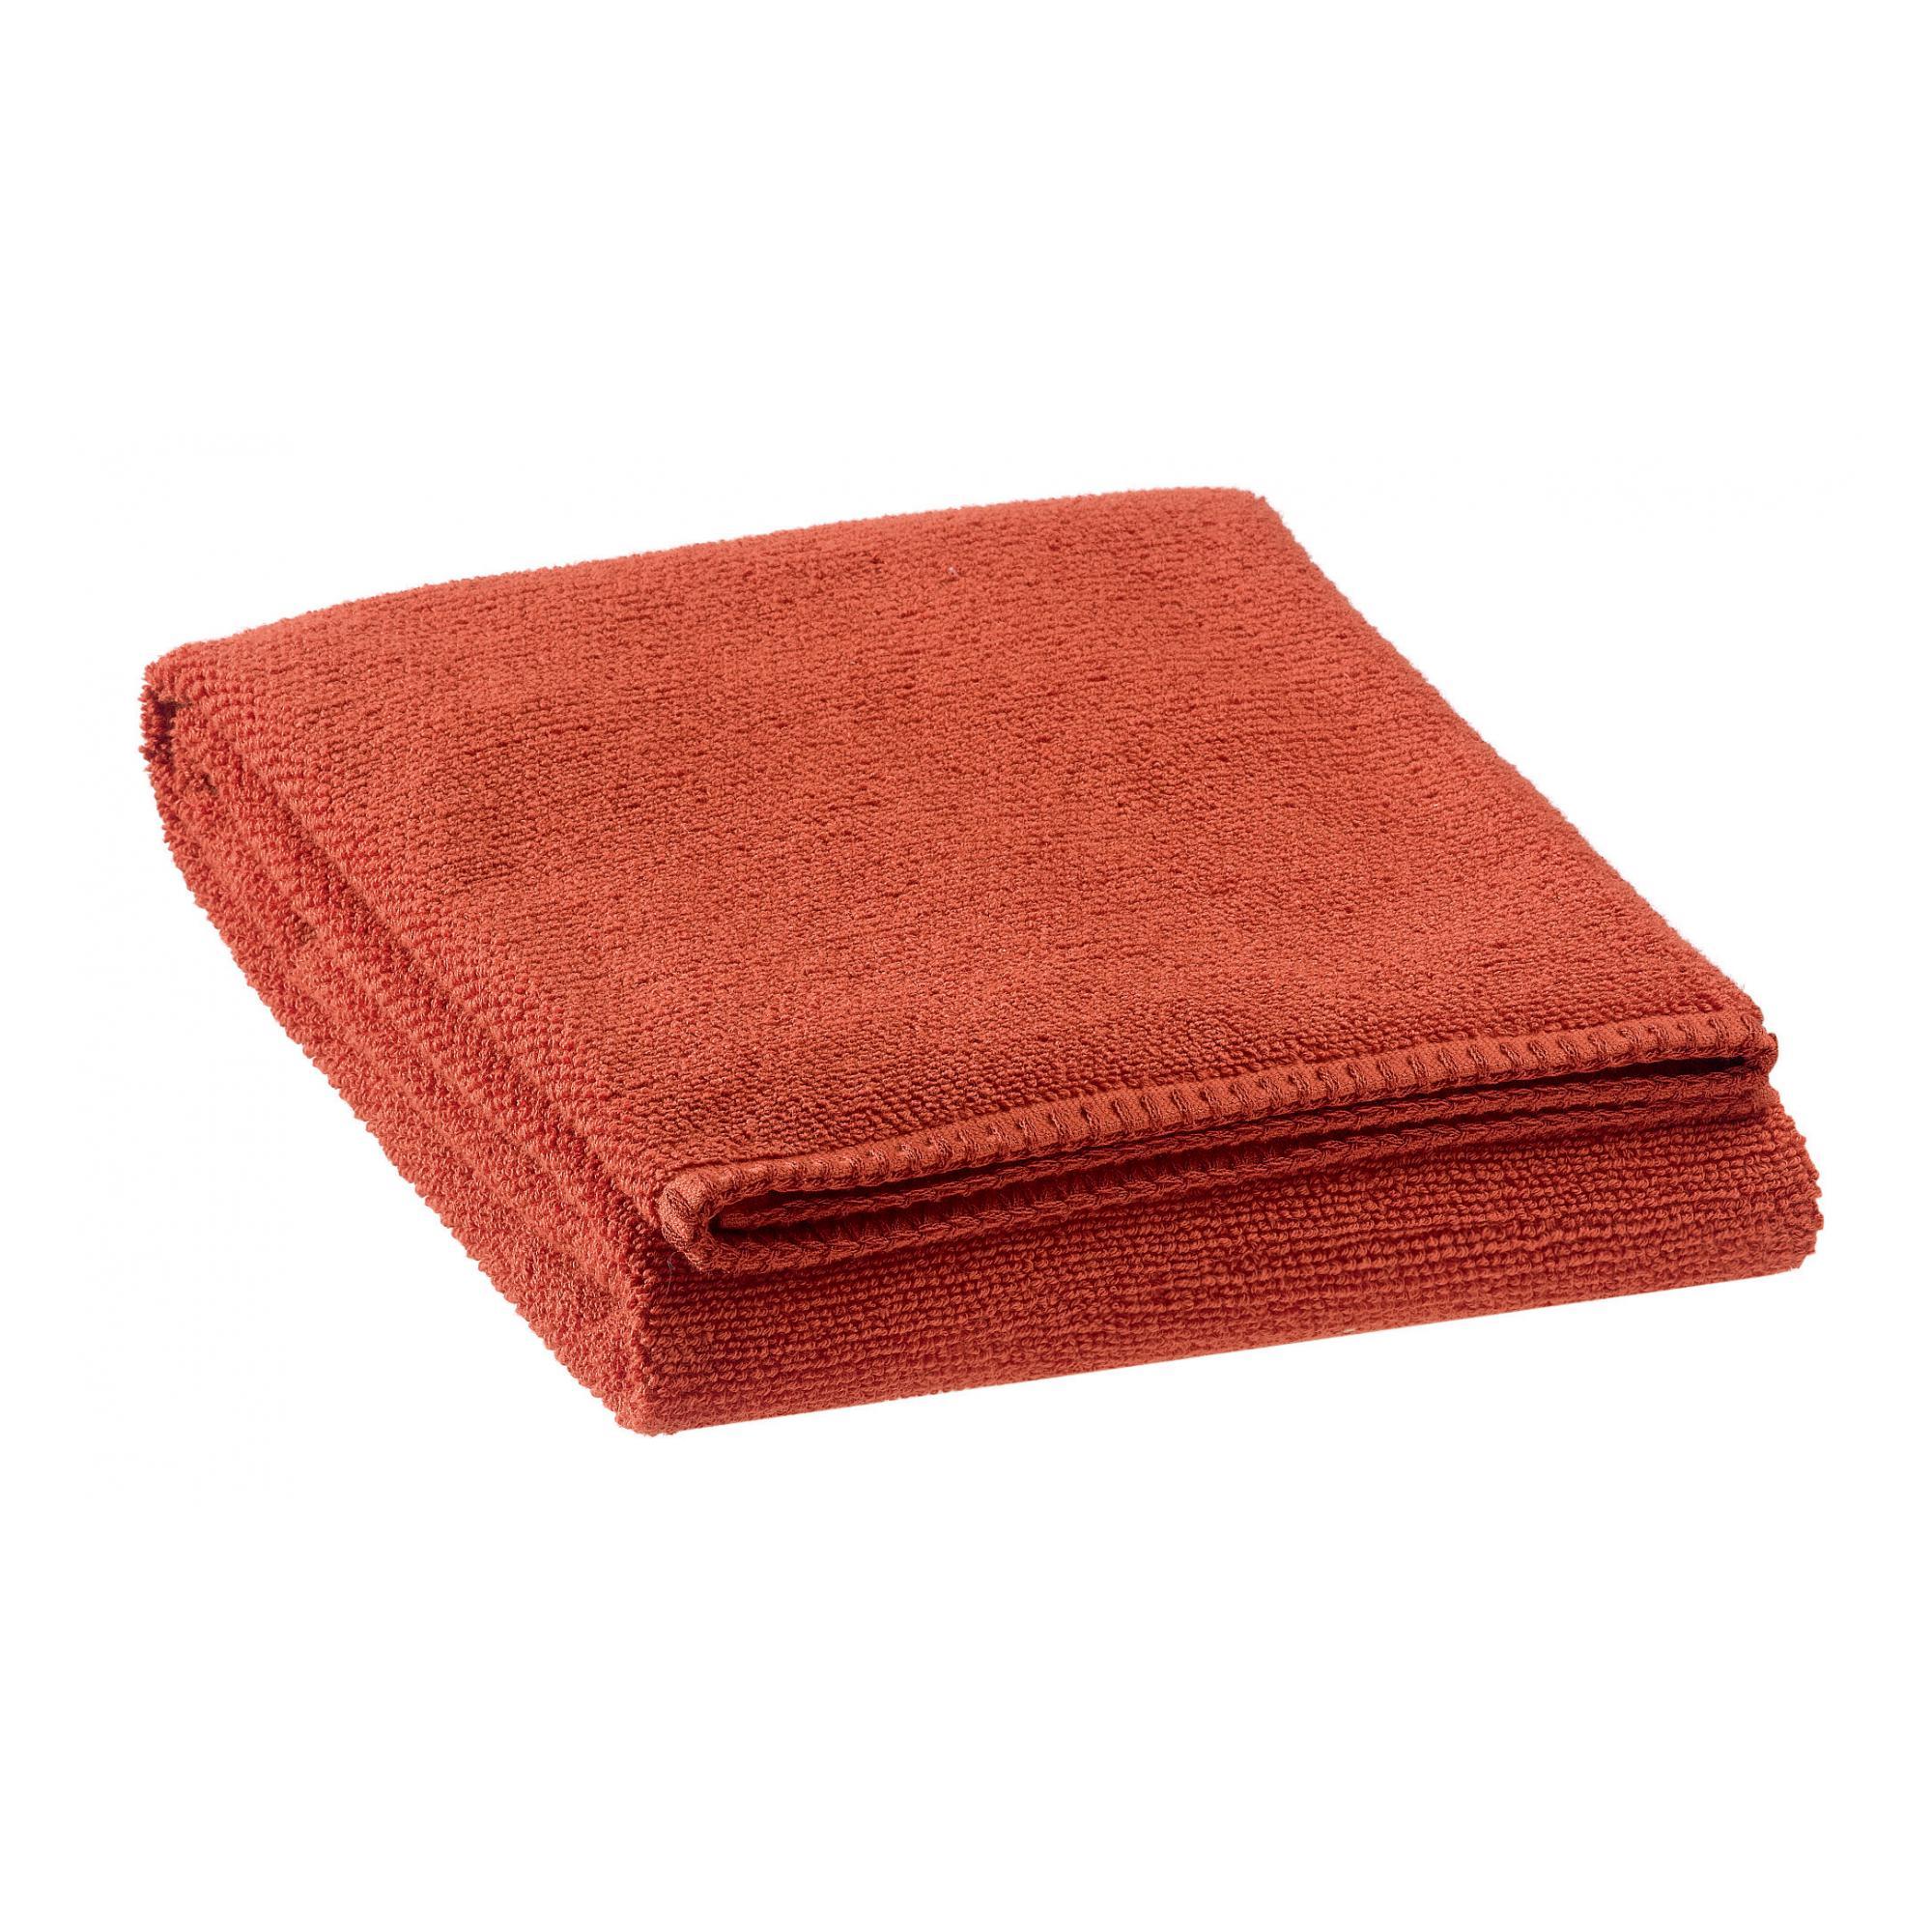 Drap de douche en coton rooibos 70 x 130